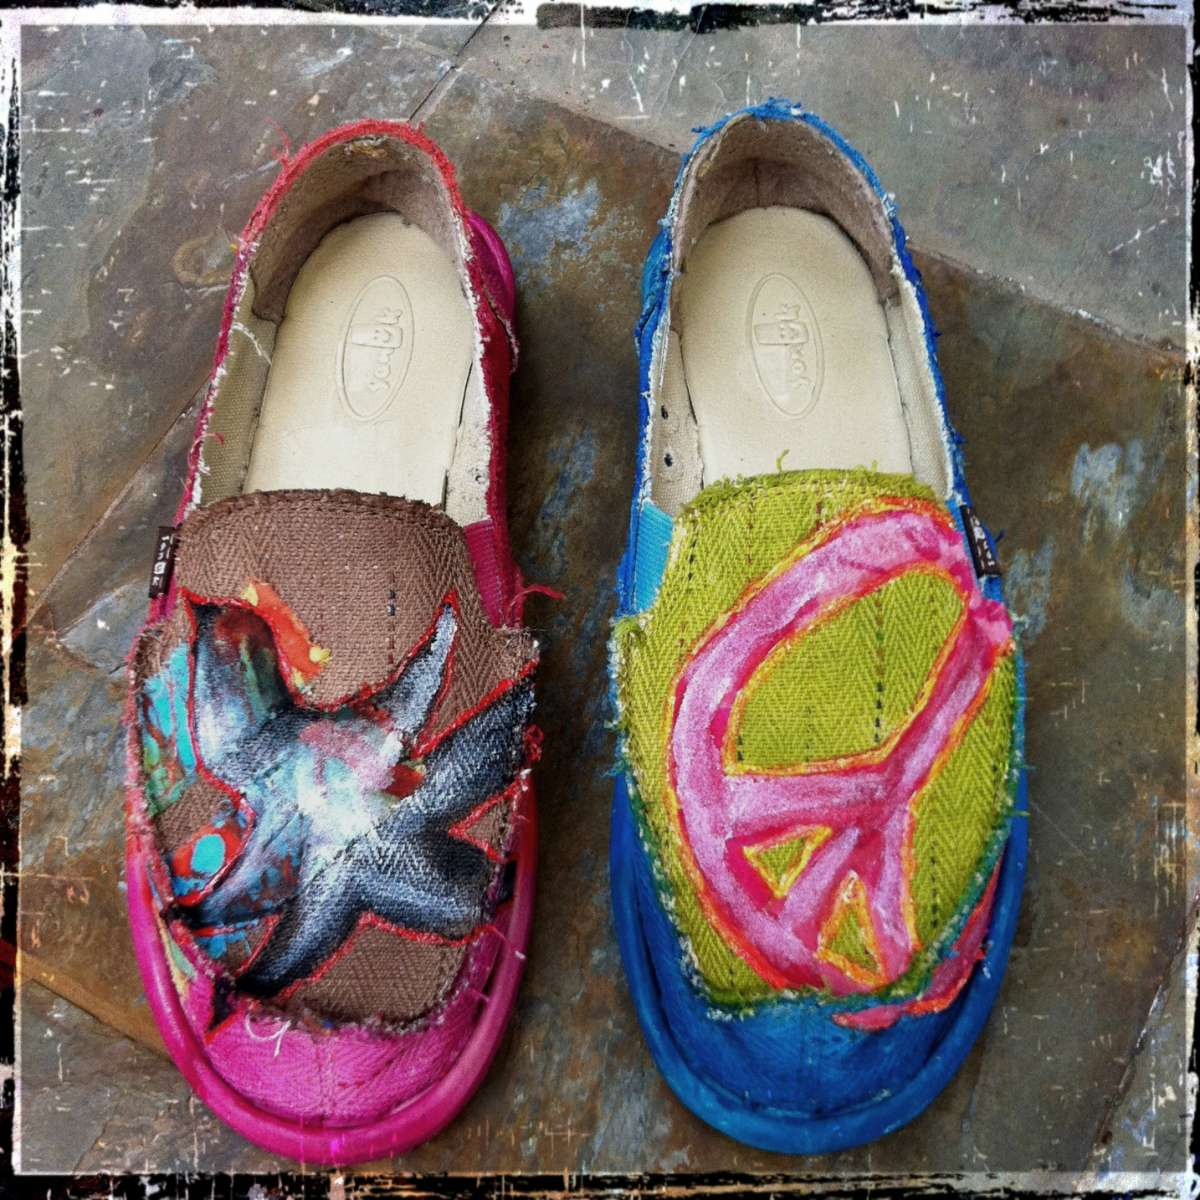 Disegni su scarpe di stoffa